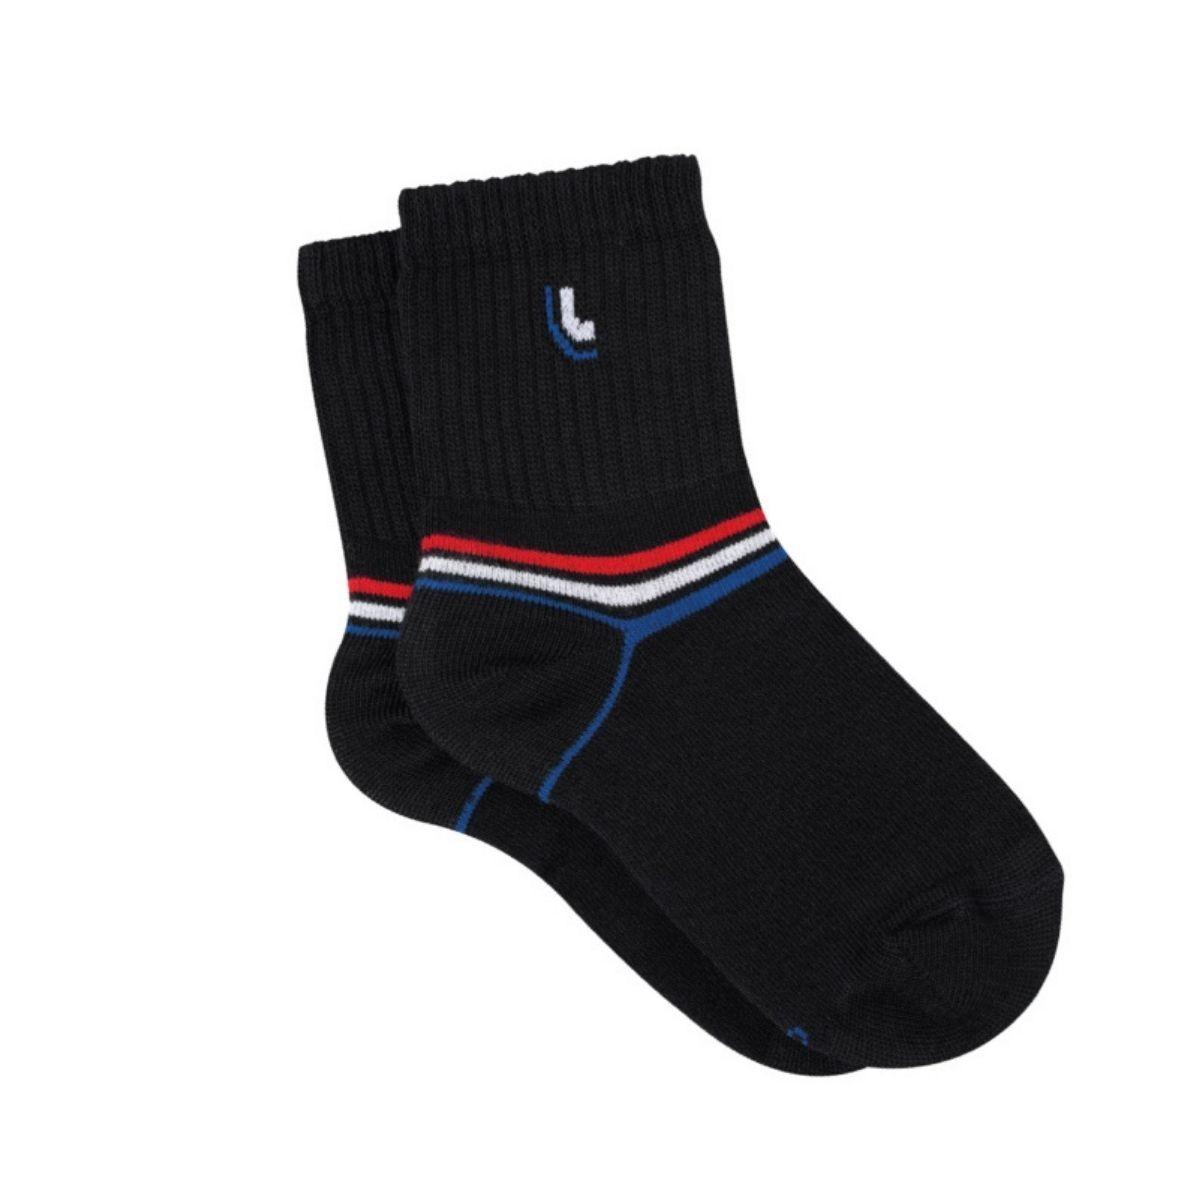 Kit meias 3 pares branca infantil cano médio algodão lupo